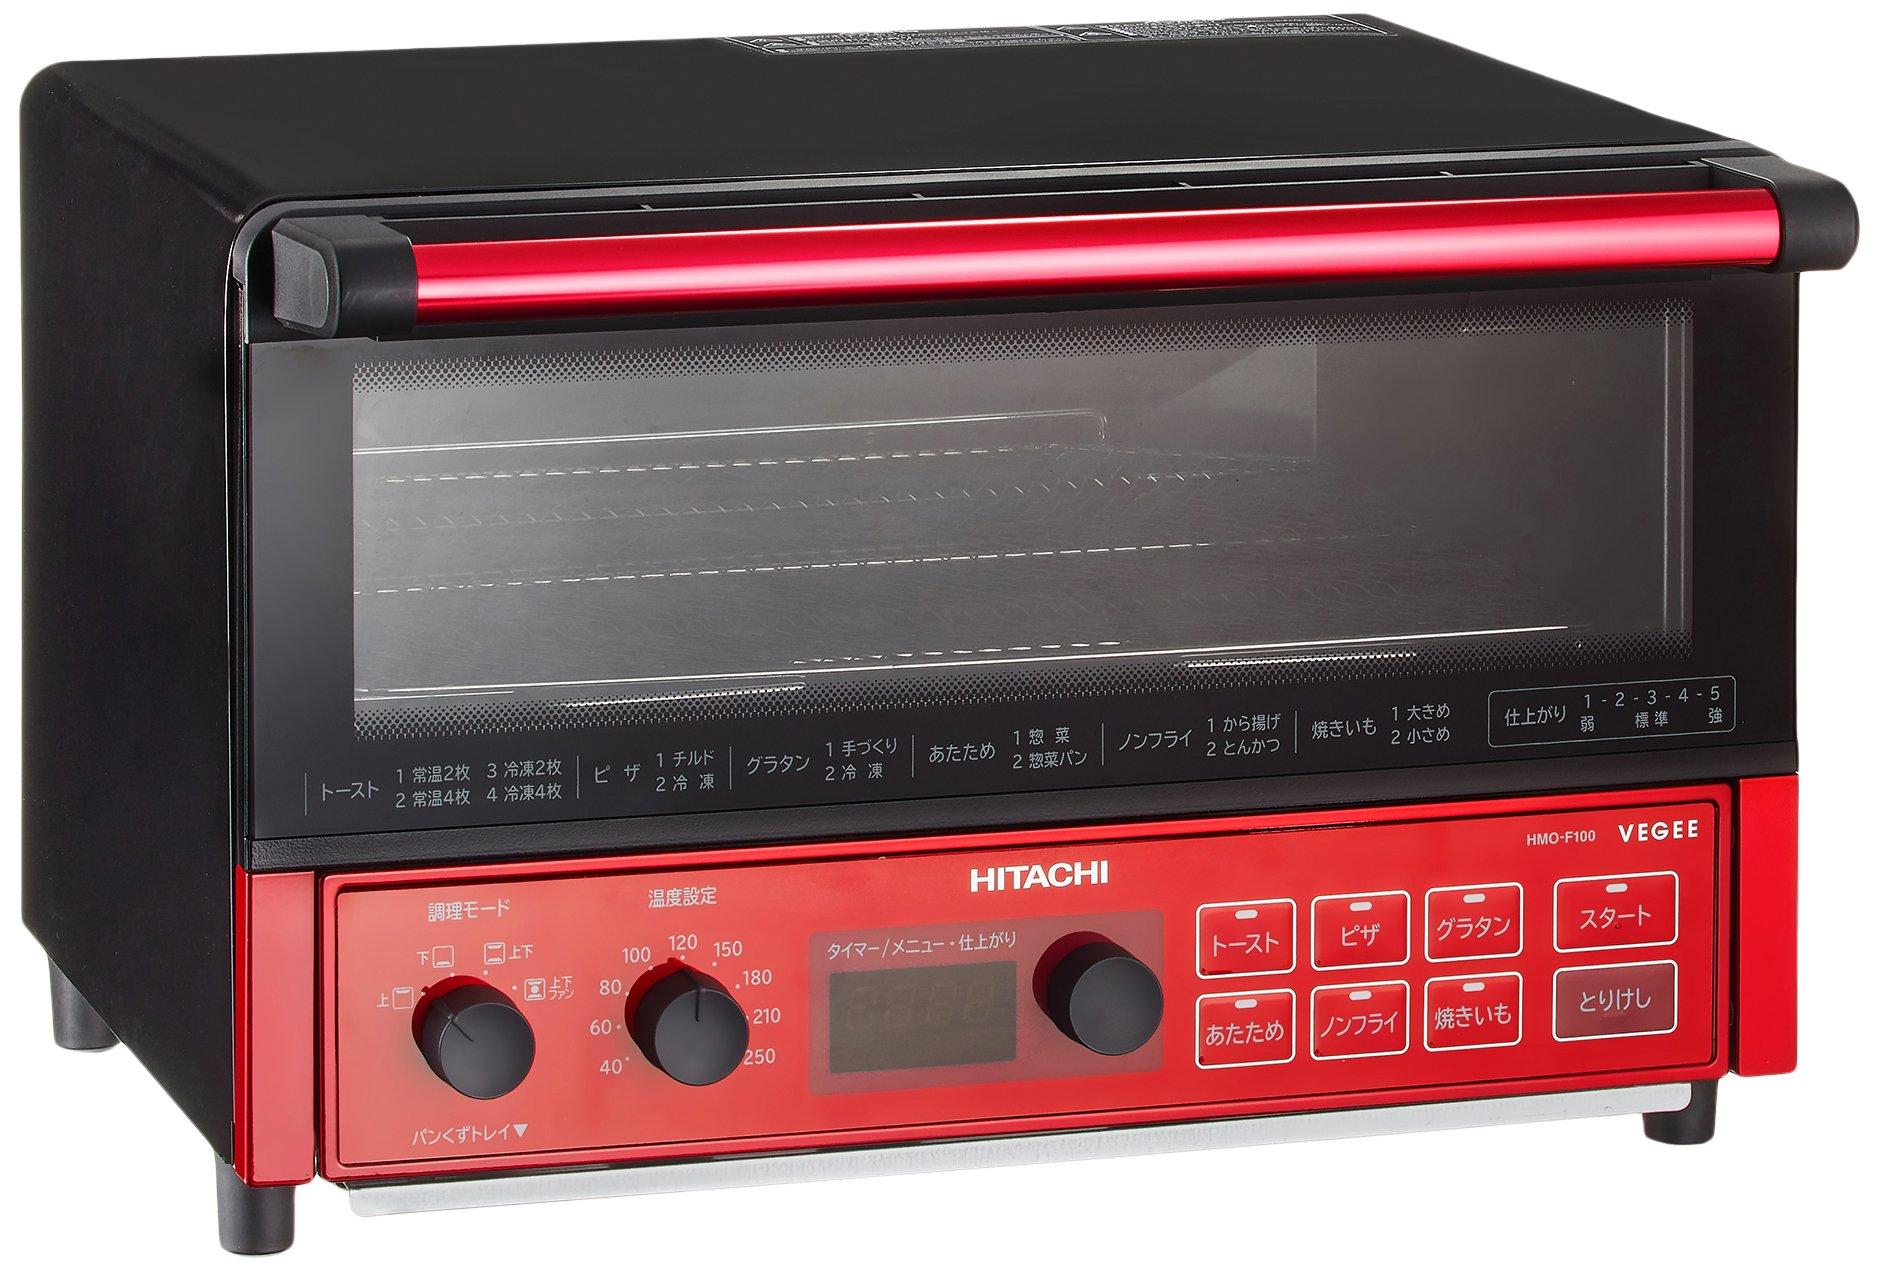 日立 コンベクションオーブントースター HMO-F100 R product image